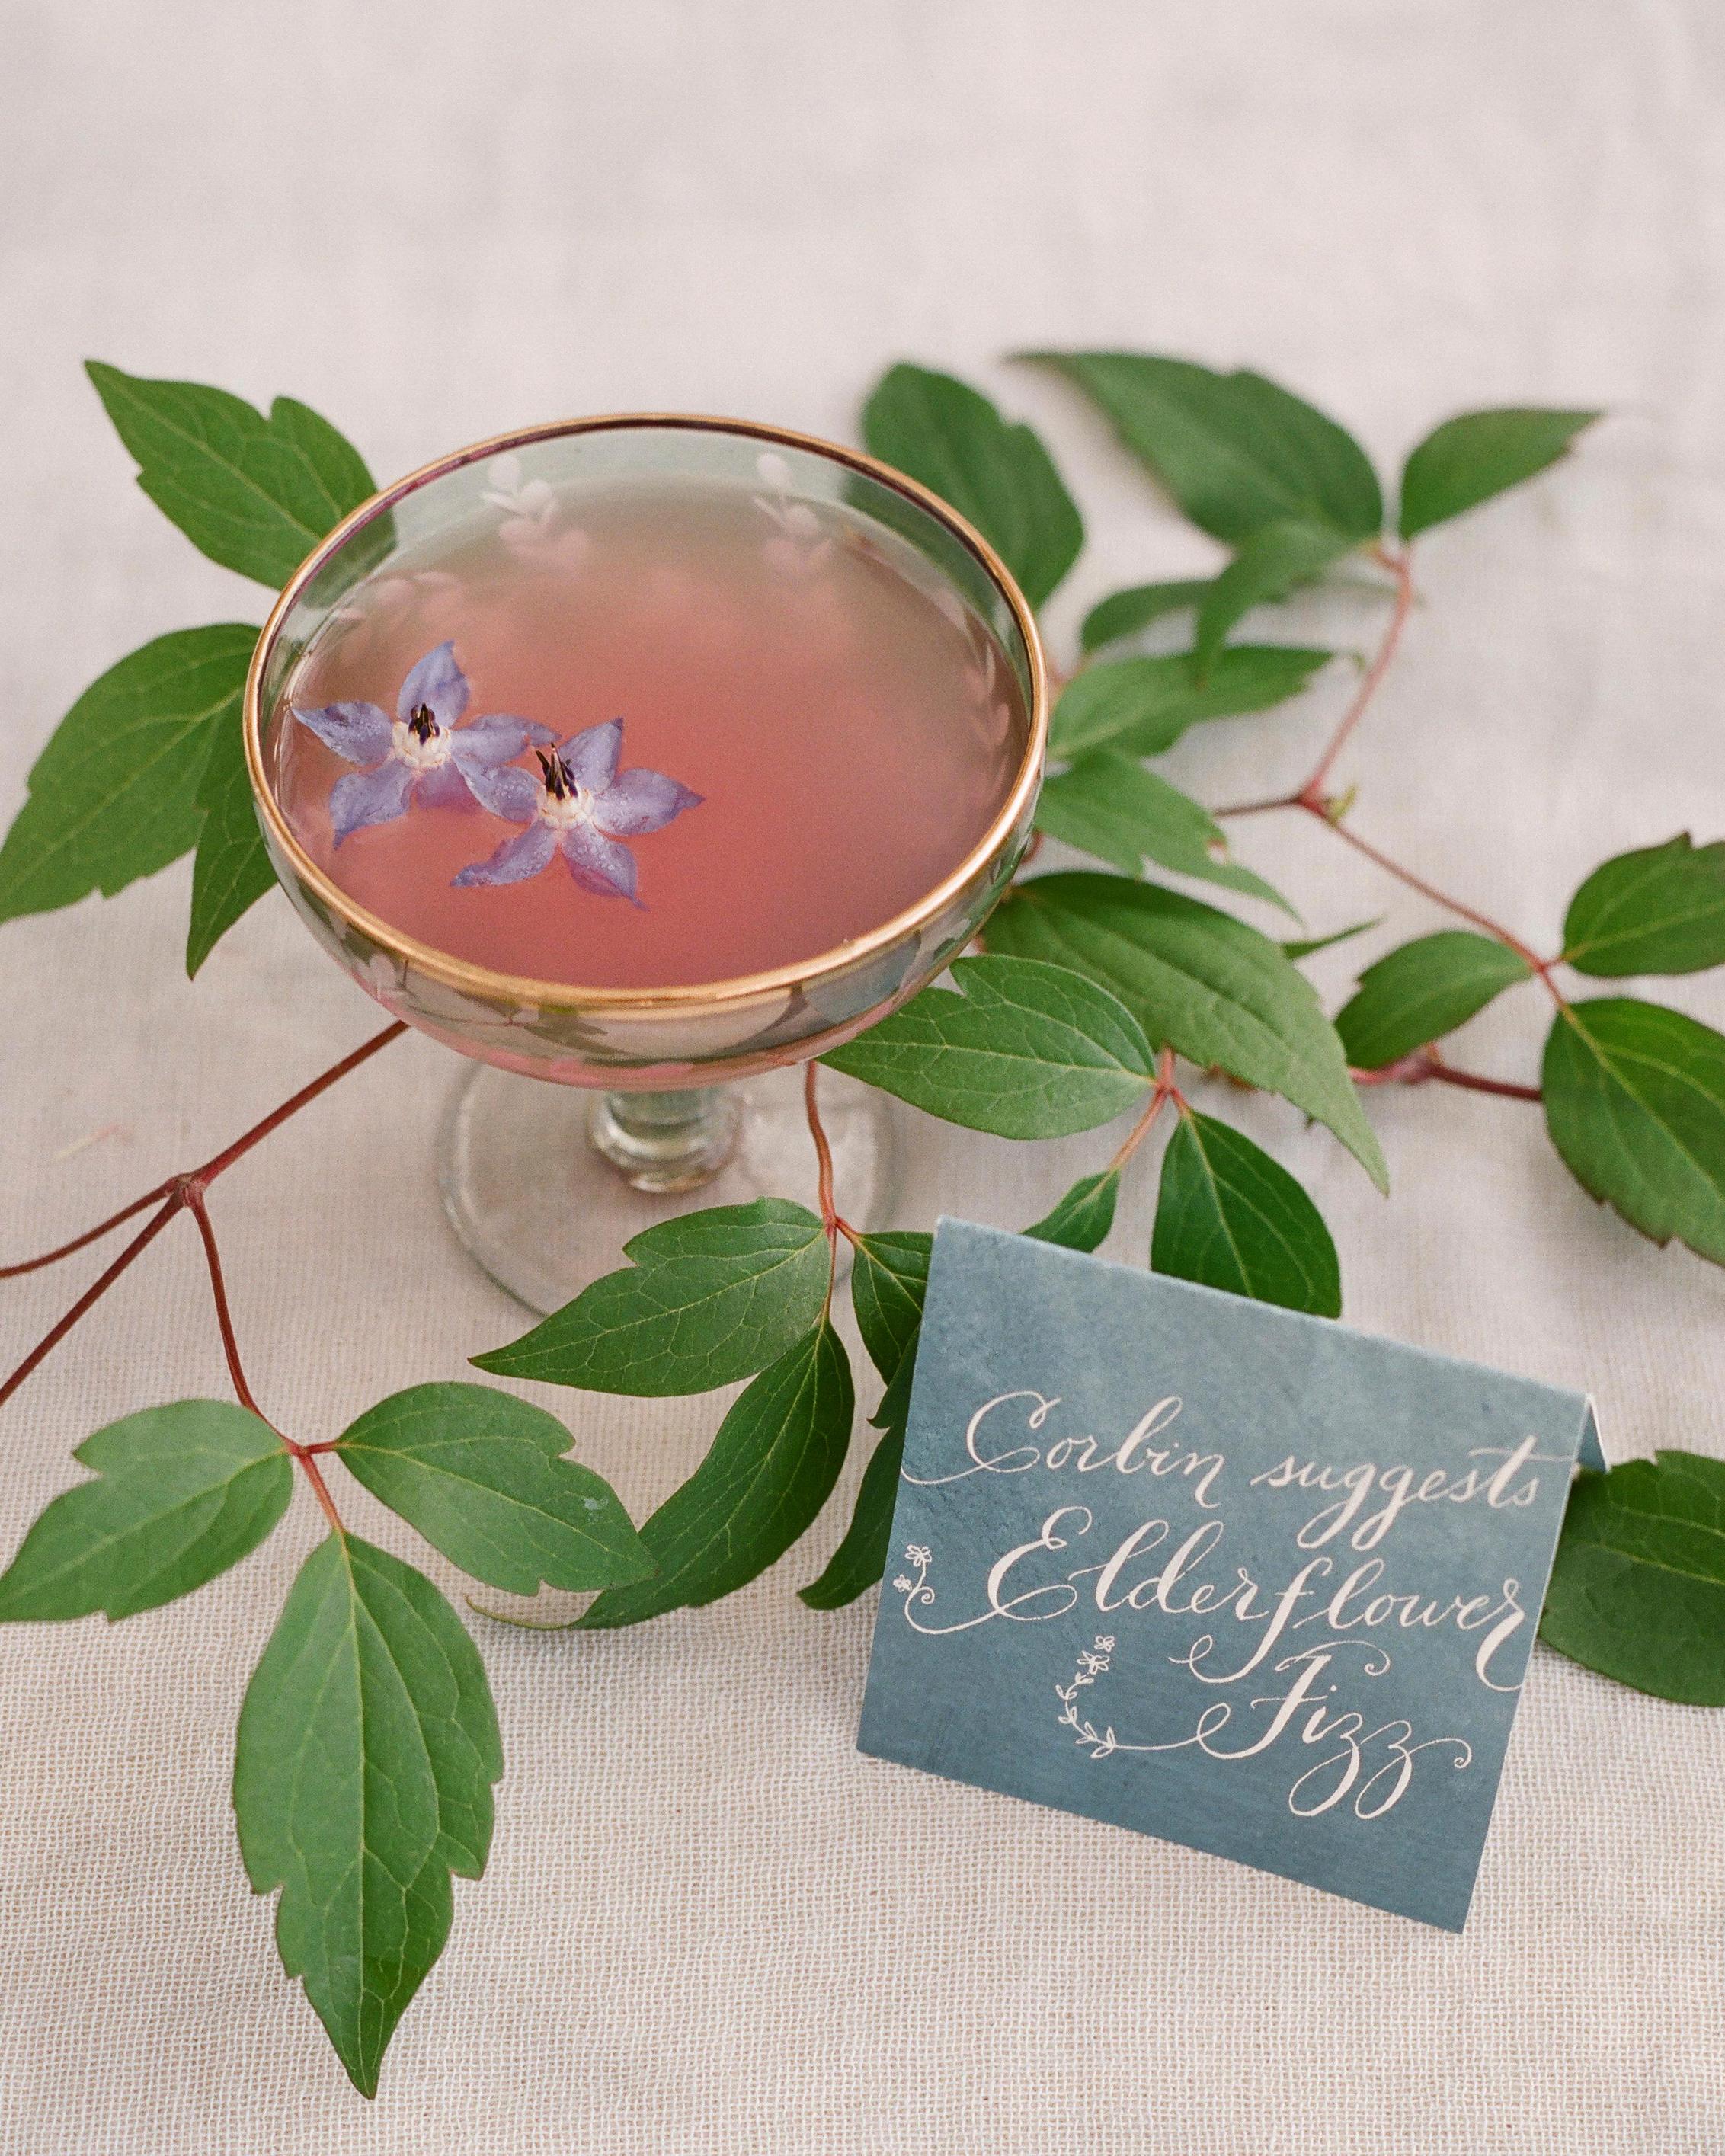 corbin-thatcher-cocktail-1226-wds109911.jpg